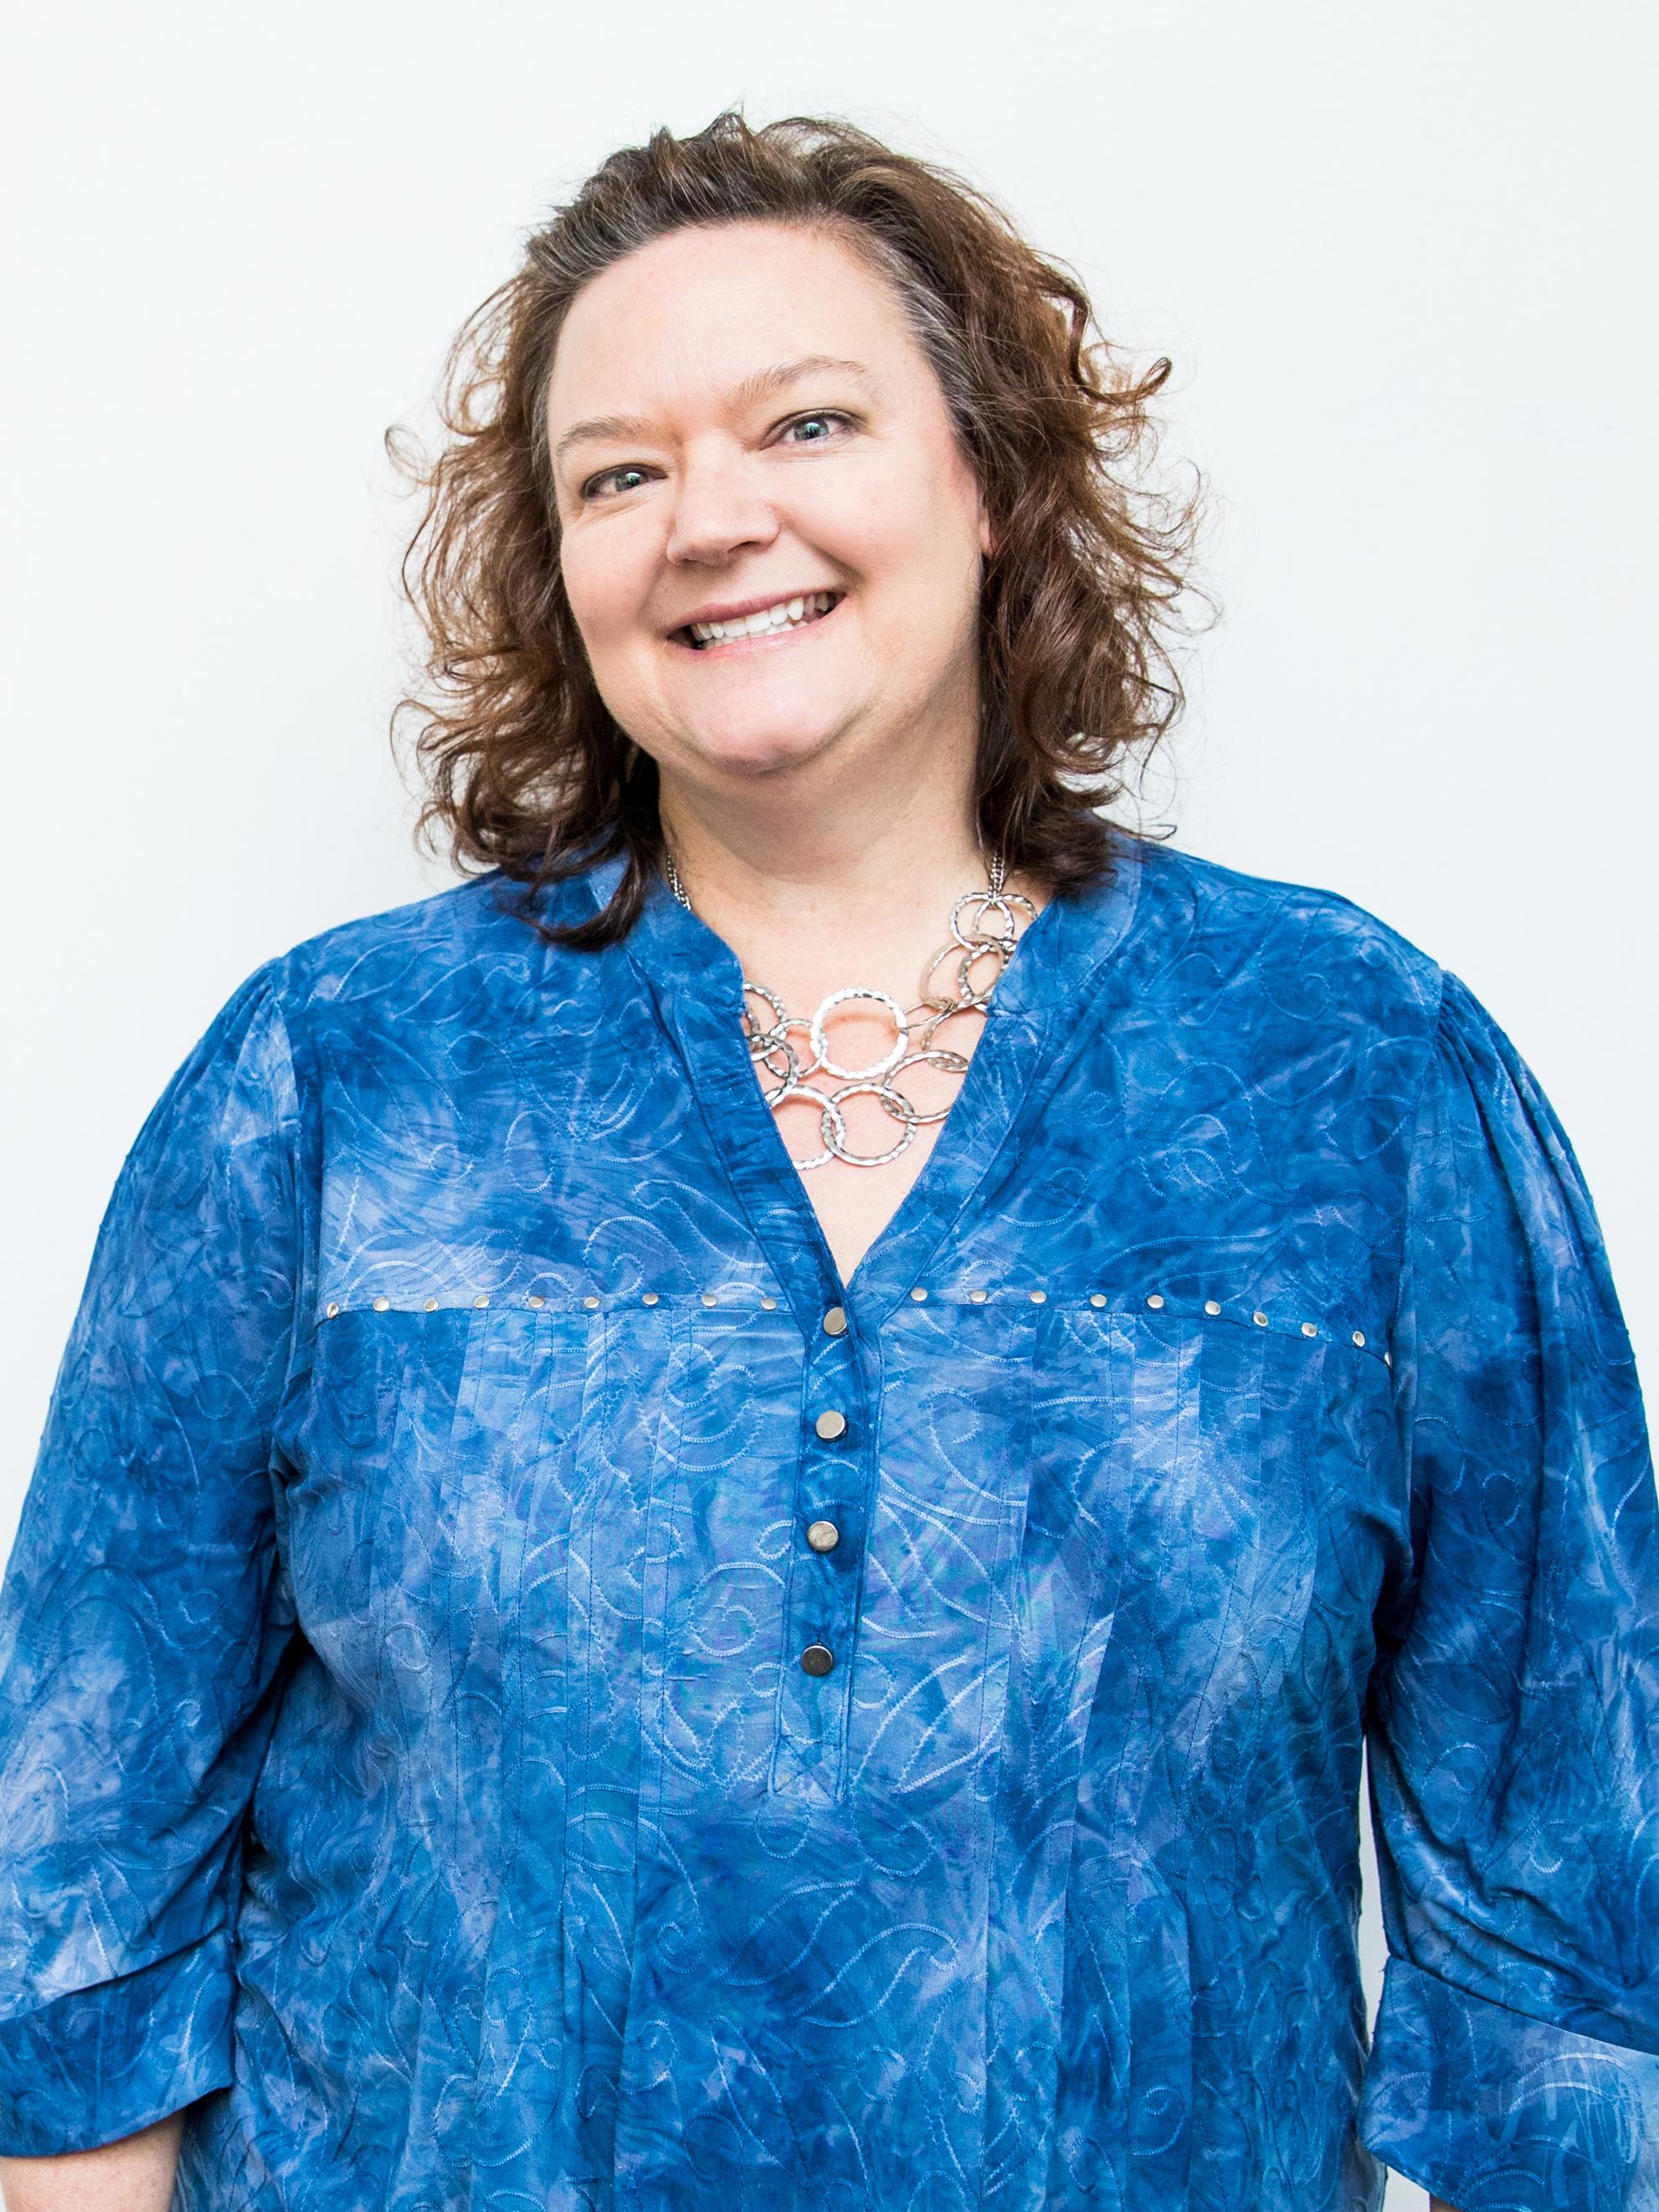 Kathy Crowley